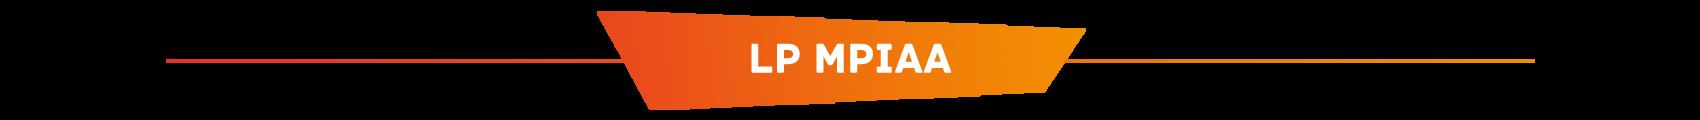 LP MPIAA